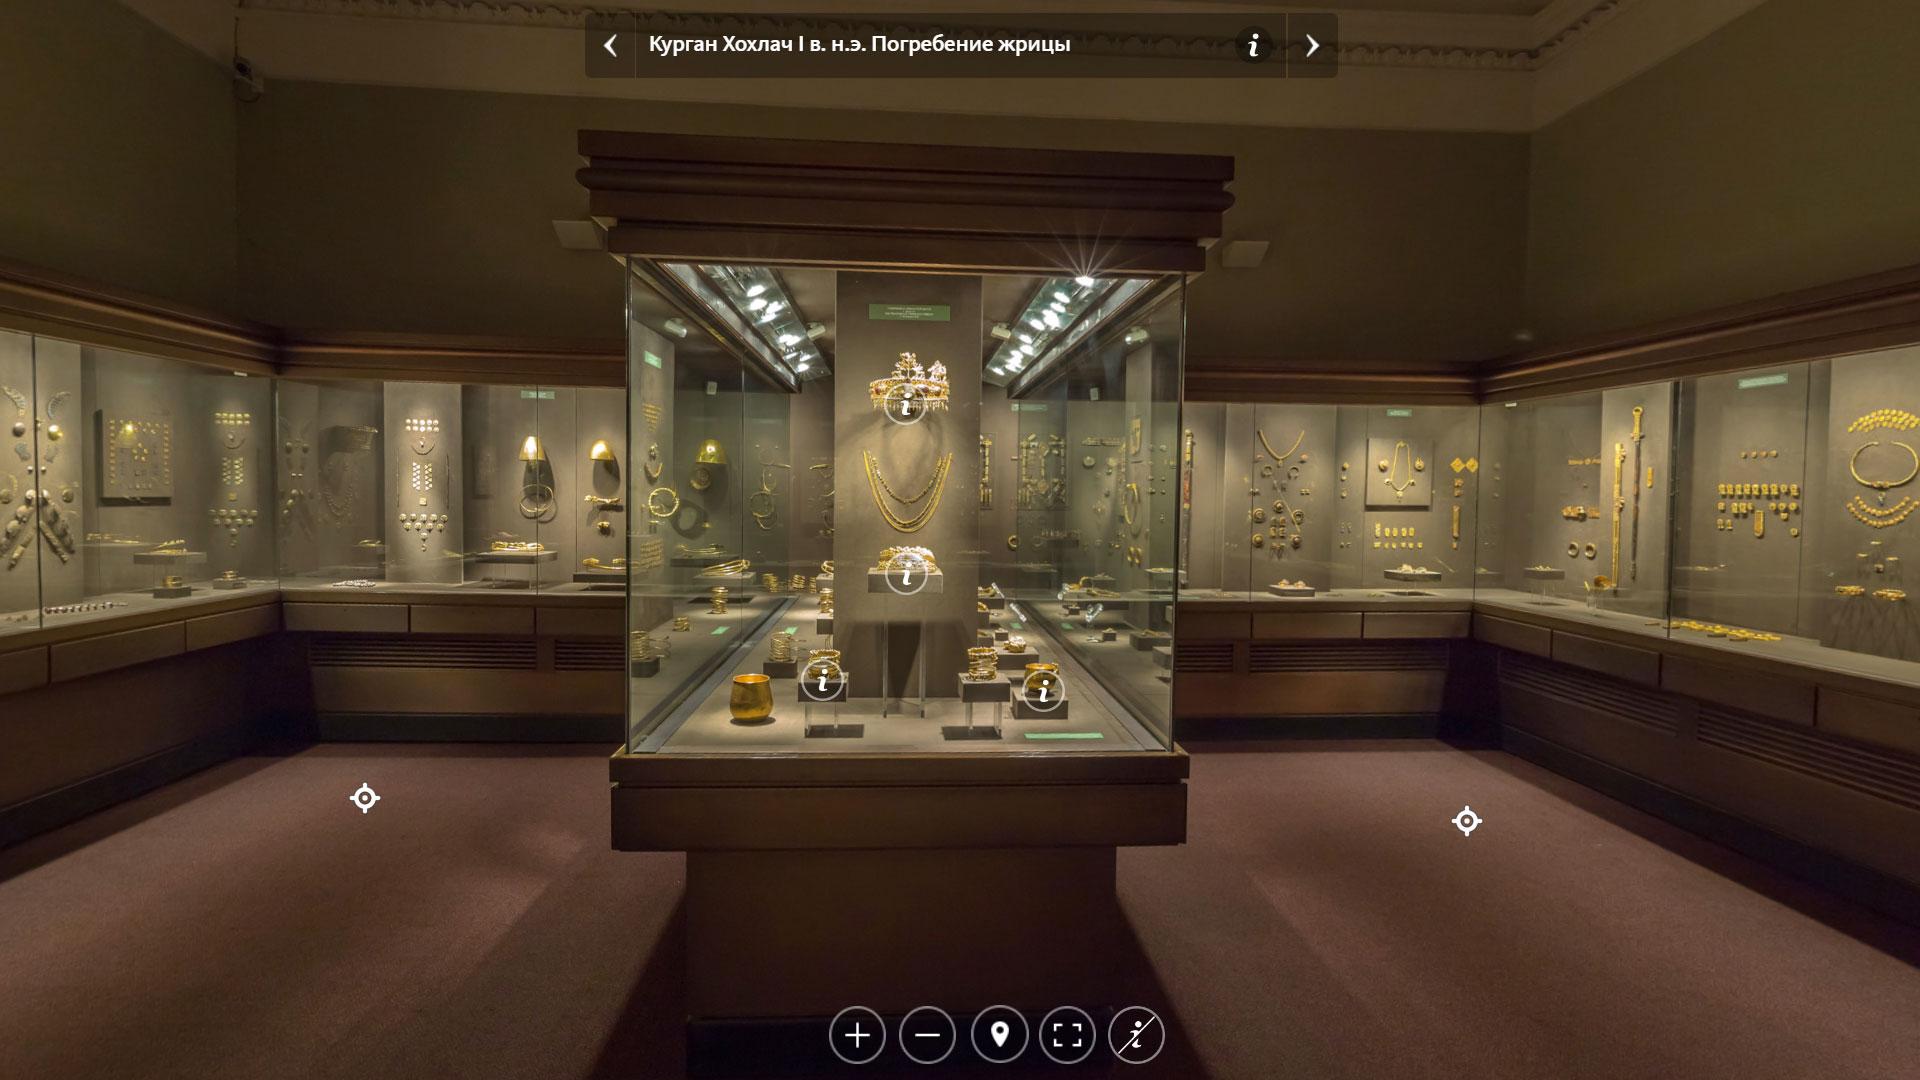 Виртуальная экскурсия по Золотой кладовой Эрмитажа